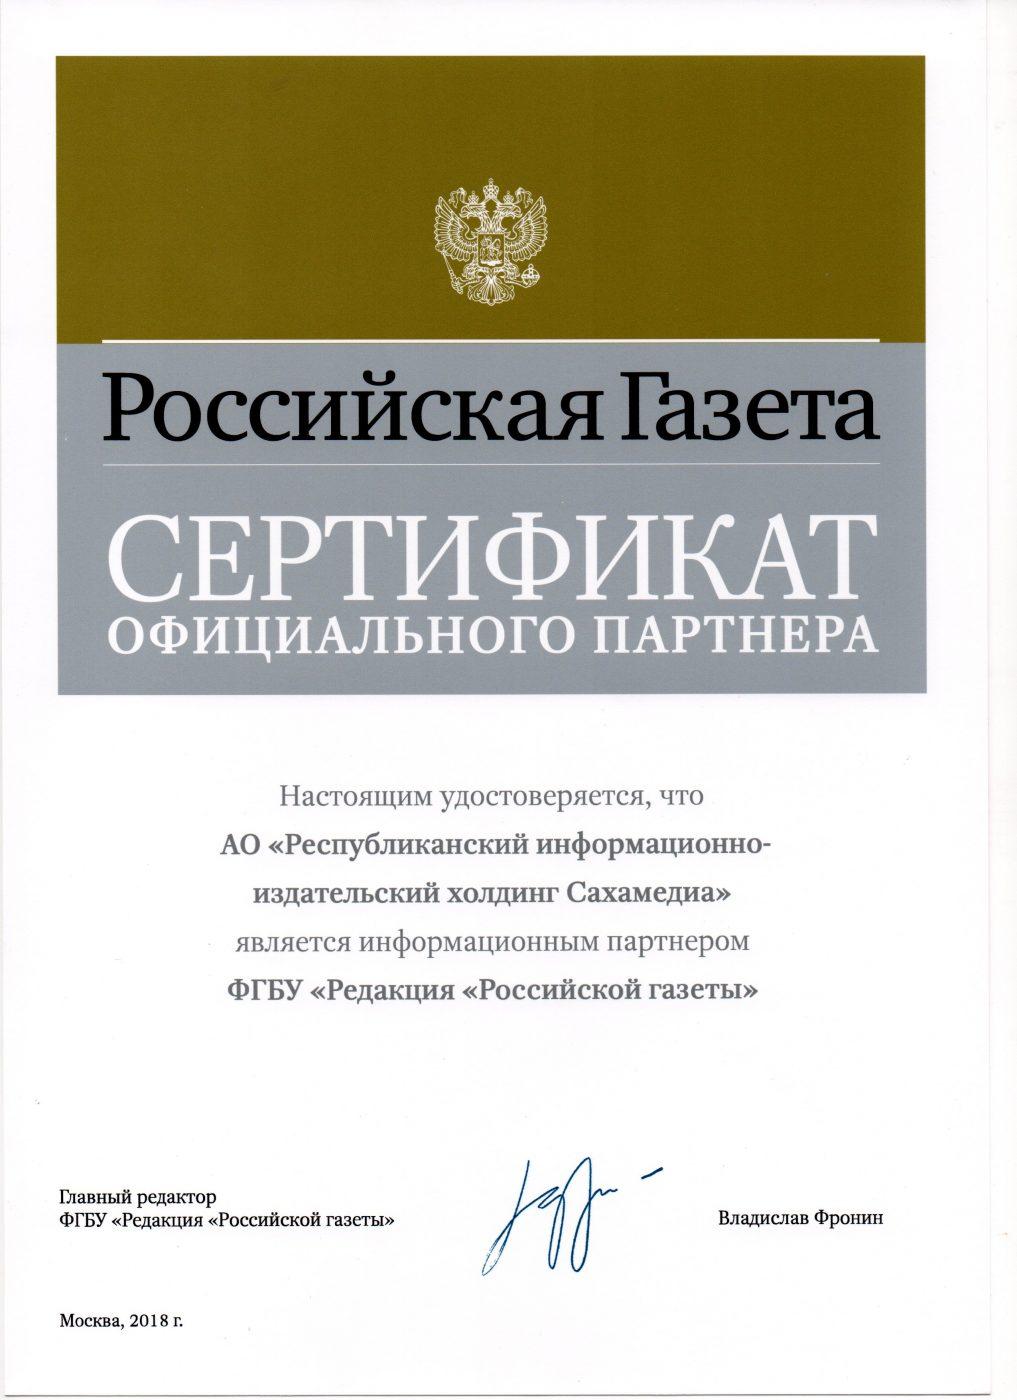 Sakha20190905_17142068